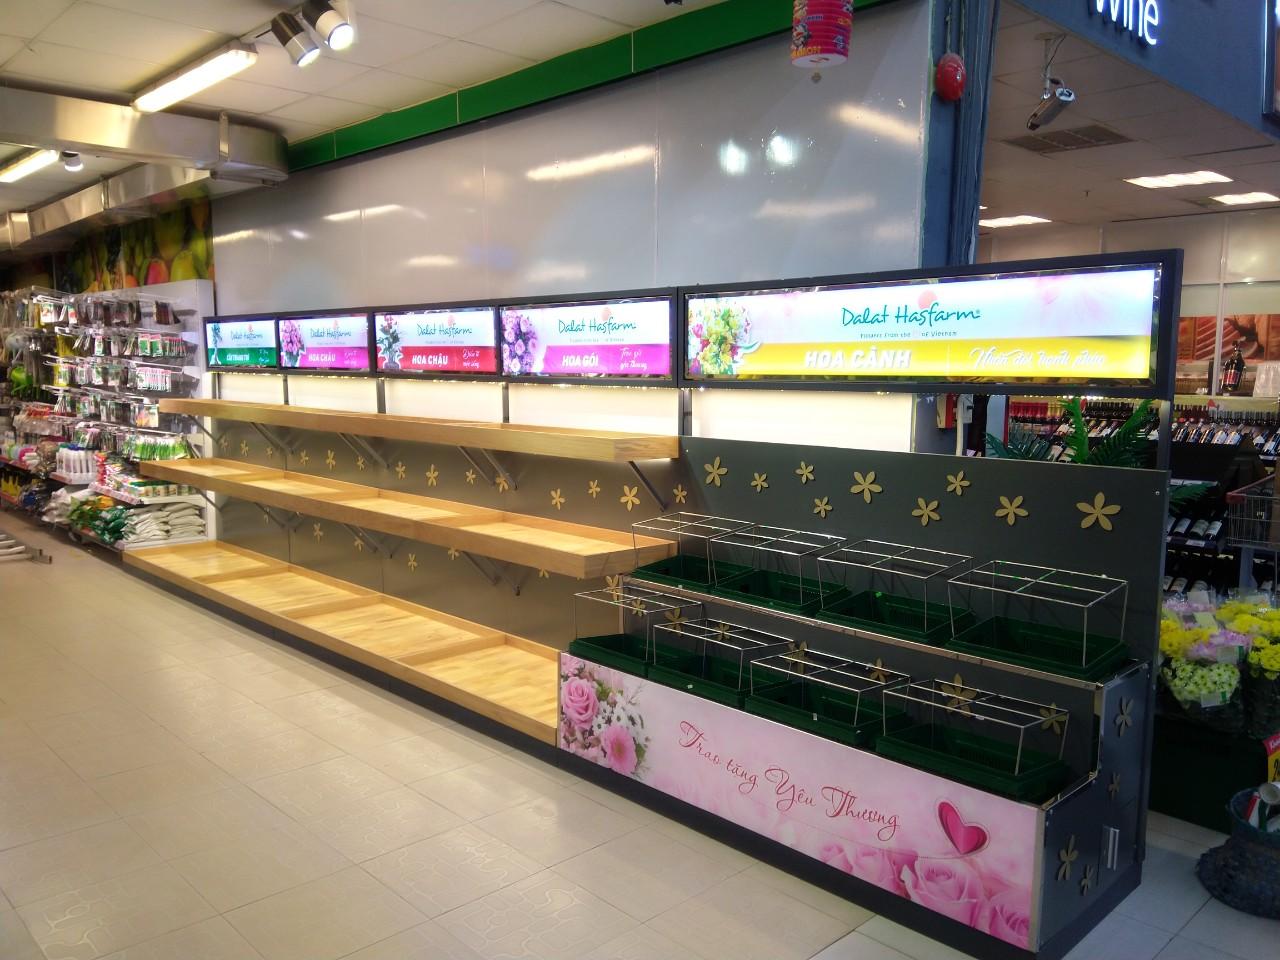 Quầy kệ hoa Dalat Hasfarm | CÔNG TY CP XD QC TM HOA SƠN ✔️ Chuyên thi công  nội thất ✔️ Kệ trưng bày ☎️ 090 303 7747 📨 hoasondecor@gmail.com